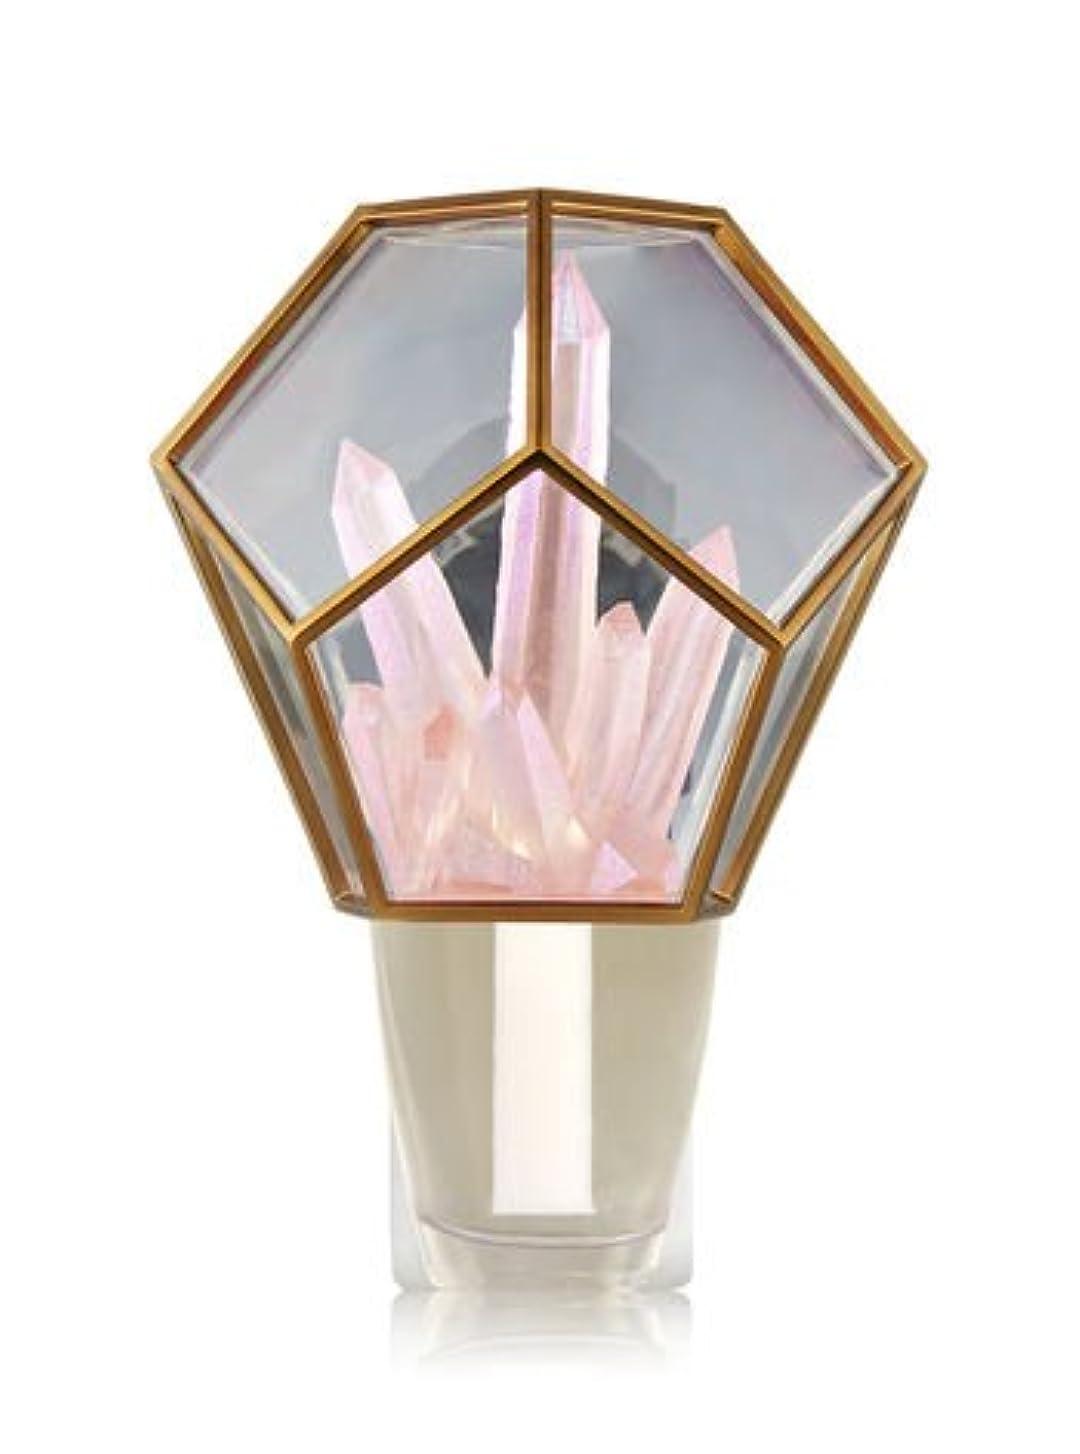 適用済み満員前文【Bath&Body Works/バス&ボディワークス】 ルームフレグランス プラグインスターター (本体のみ) クリスタルテラリウムナイトライト Wallflowers Fragrance Crystal Terrarium Night Light [並行輸入品]